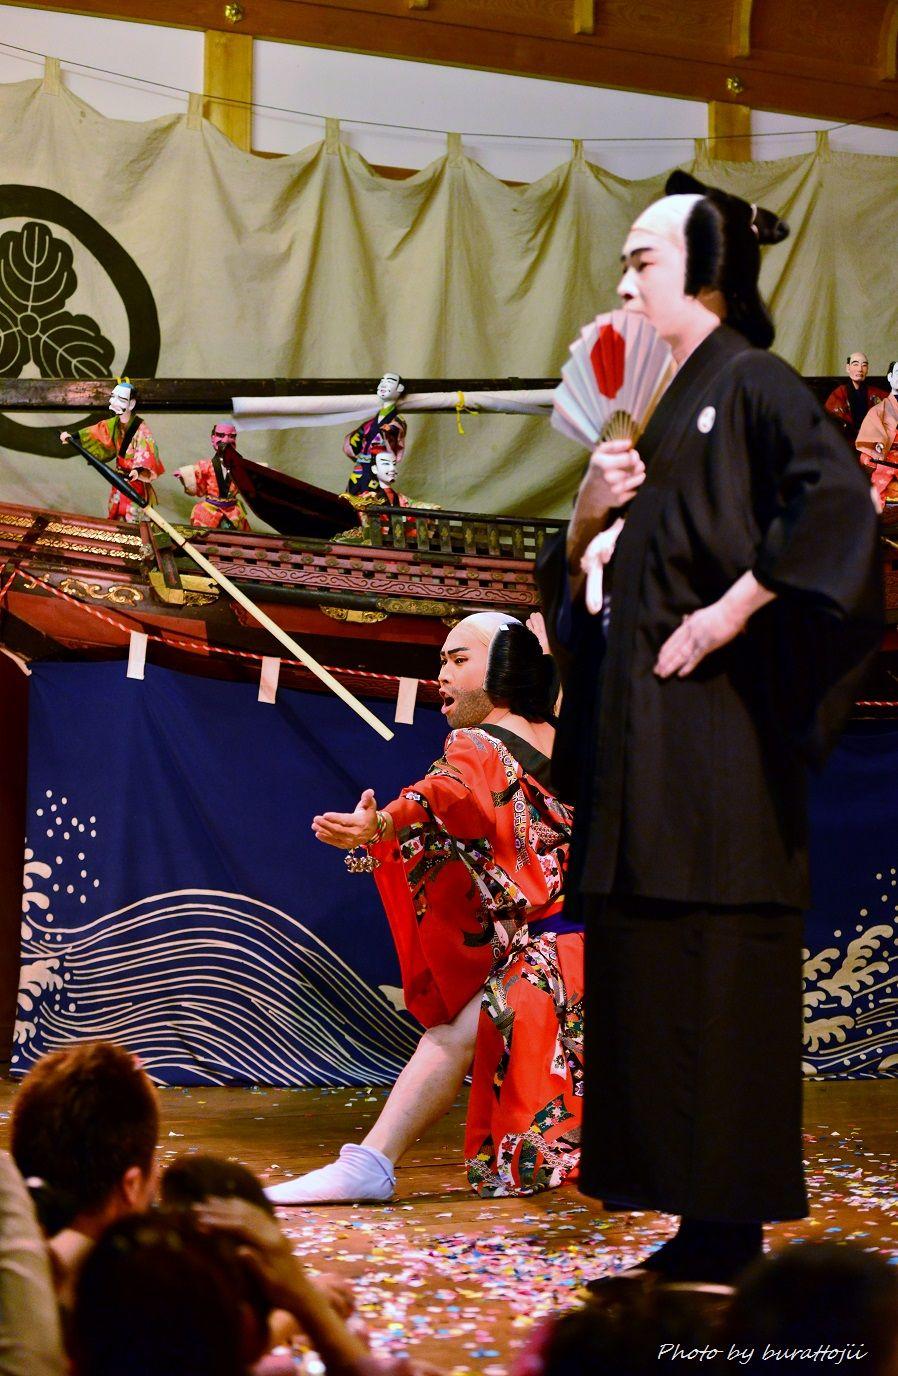 2014.09.11蛸島キリコ祭り早船狂言7